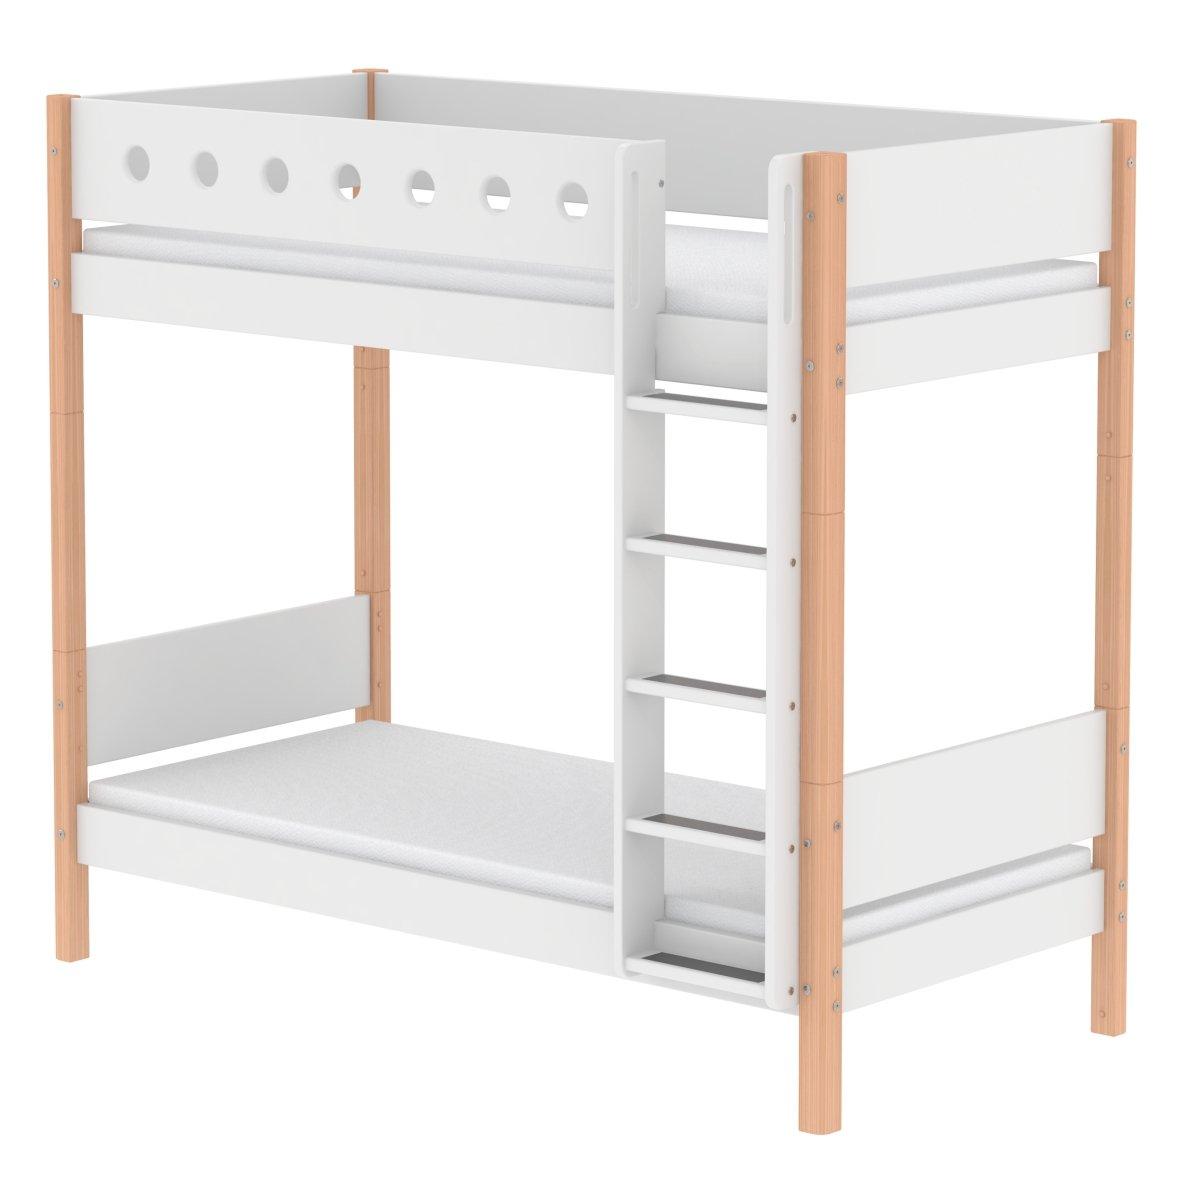 Außergewöhnlich Flexa Etagenbett Dekoration Von White Extra Hohes 90x200 Birke/weiß